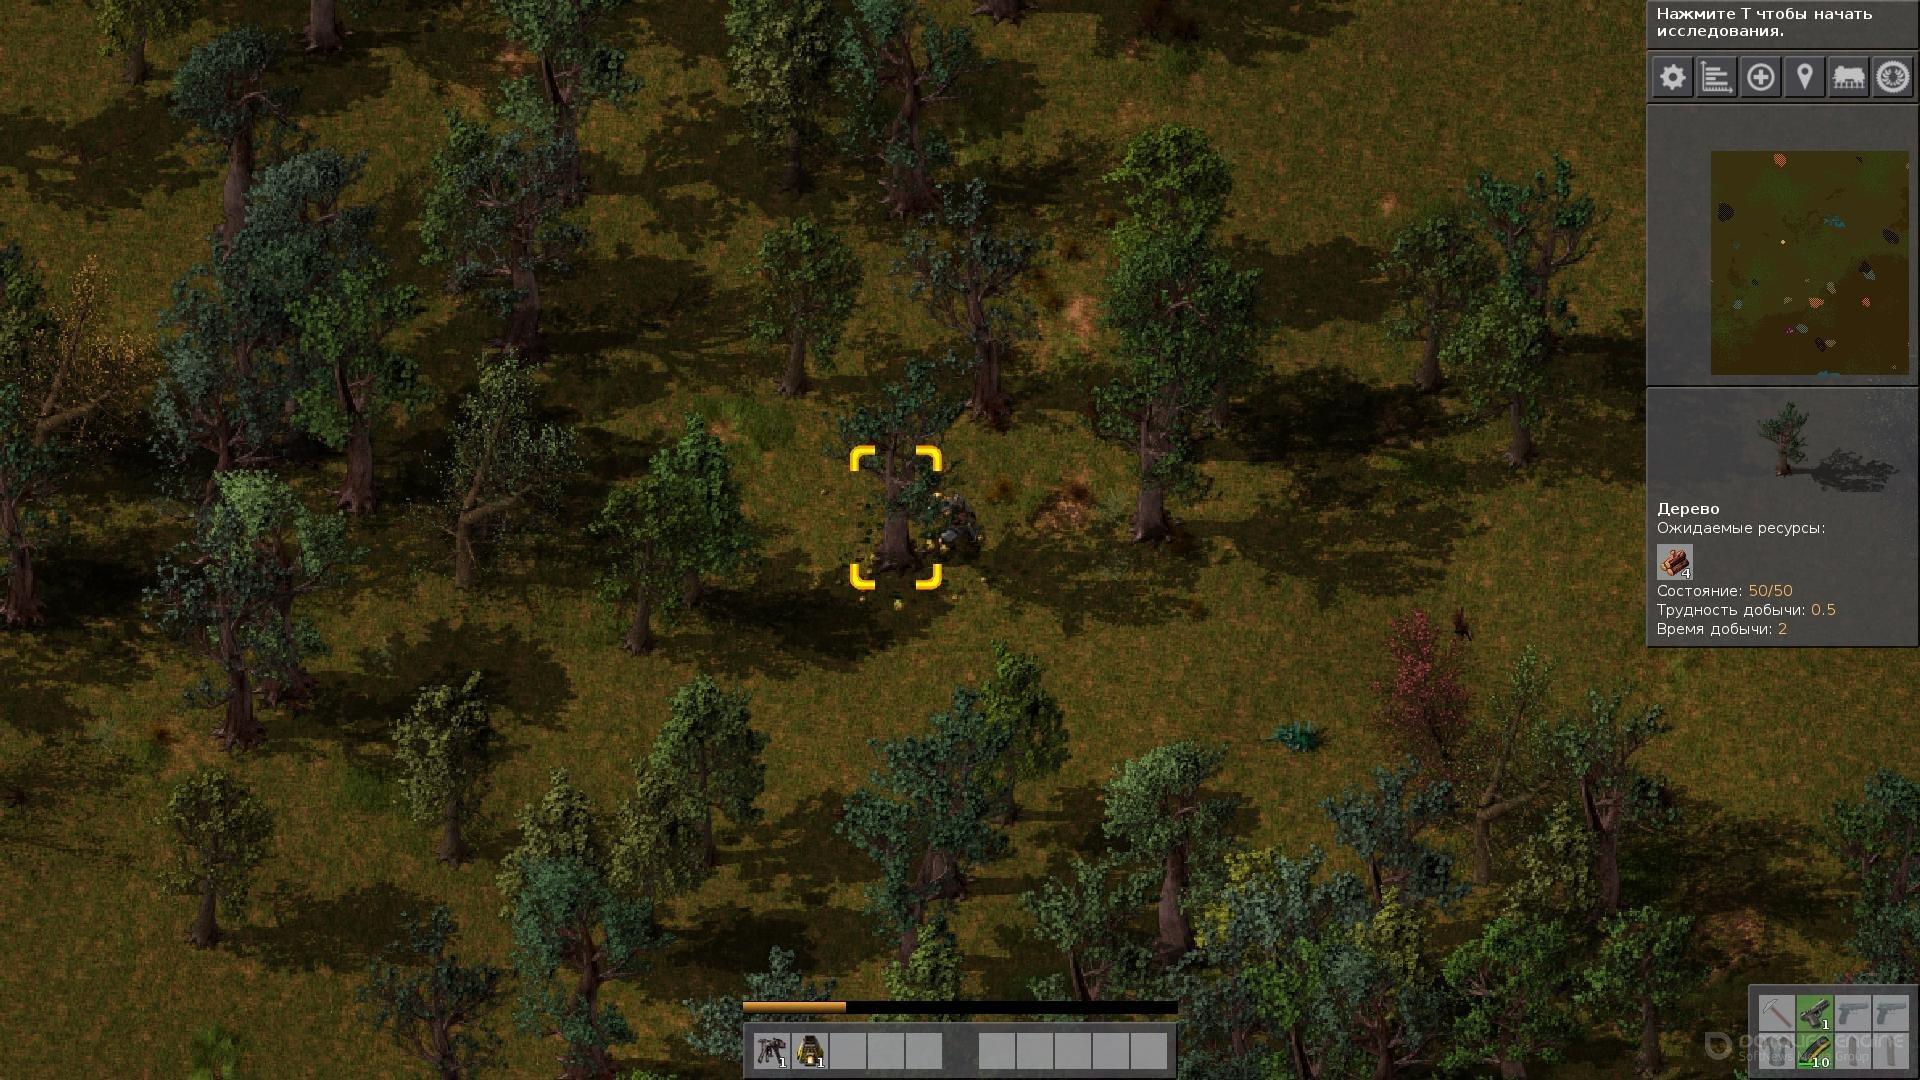 Скриншот к игре Factorio v.1.1.37  (2020) скачать торрент Лицензия